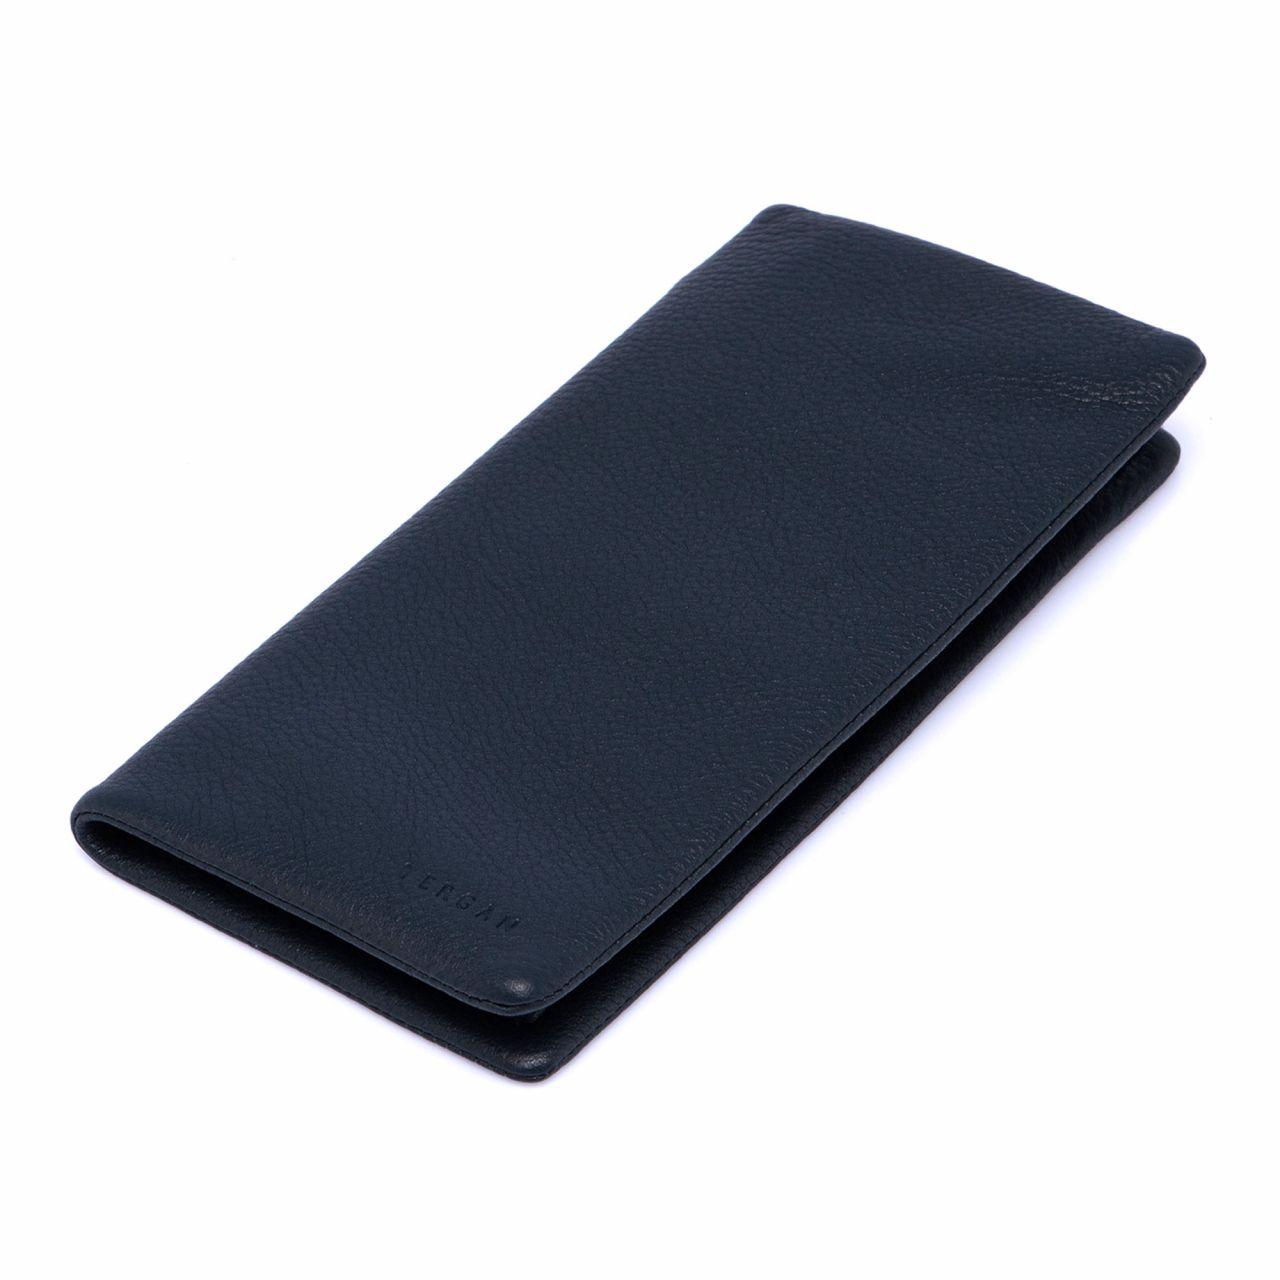 Тъмносин мъжки портфейл от мека естествена кожа